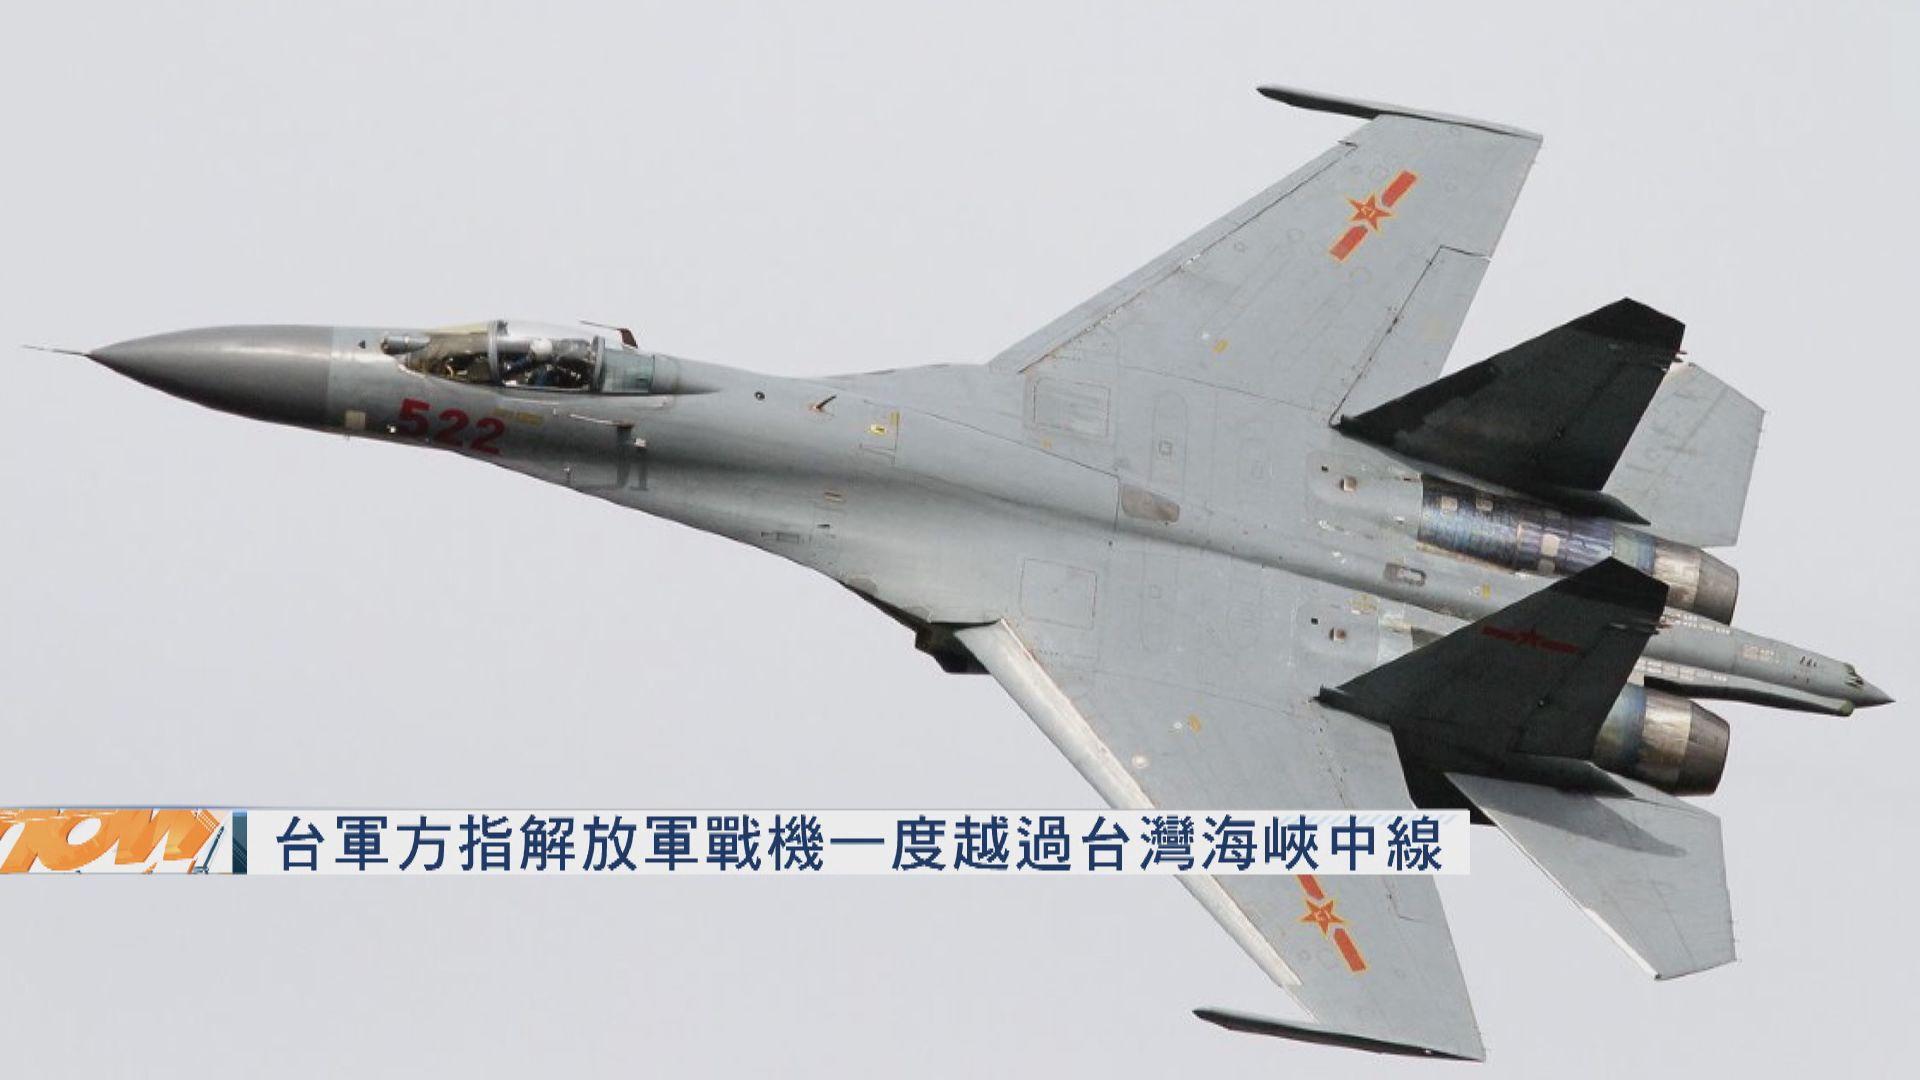 台灣軍方:解放軍戰機一度越過台灣海峽中線